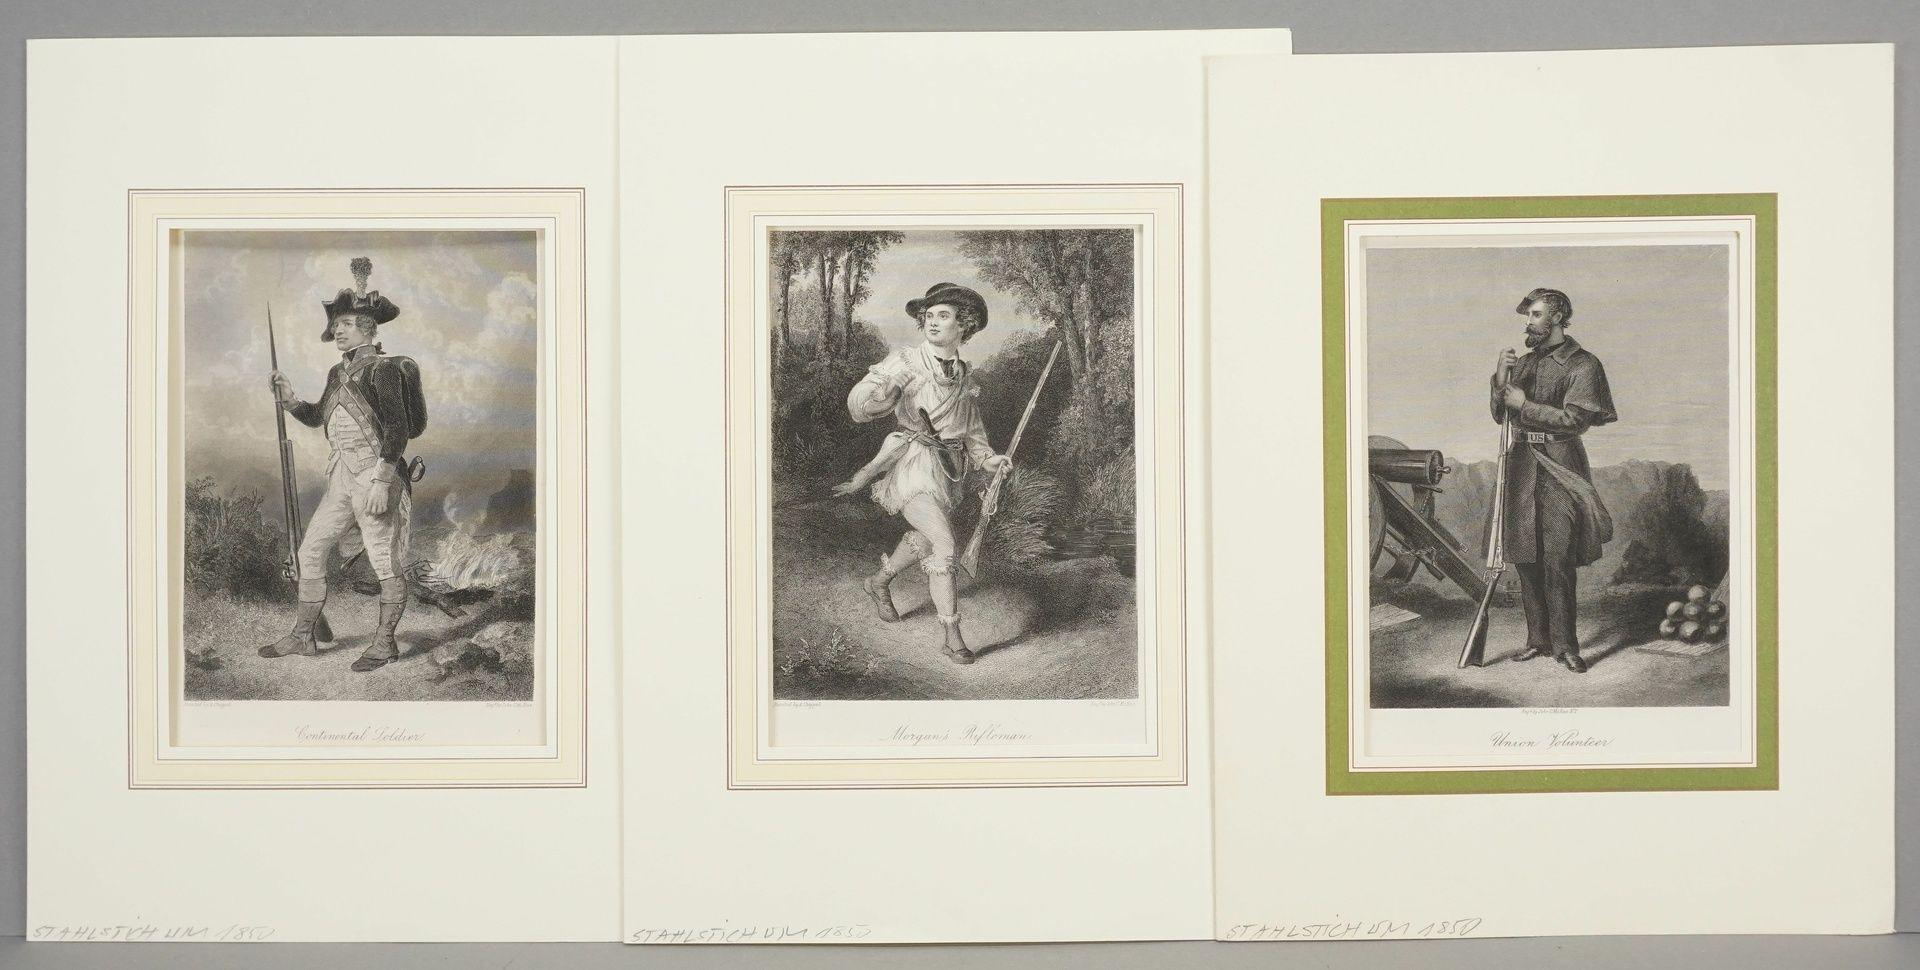 John C. McRae, Drei Darstellungen nordamerikanischer Soldaten